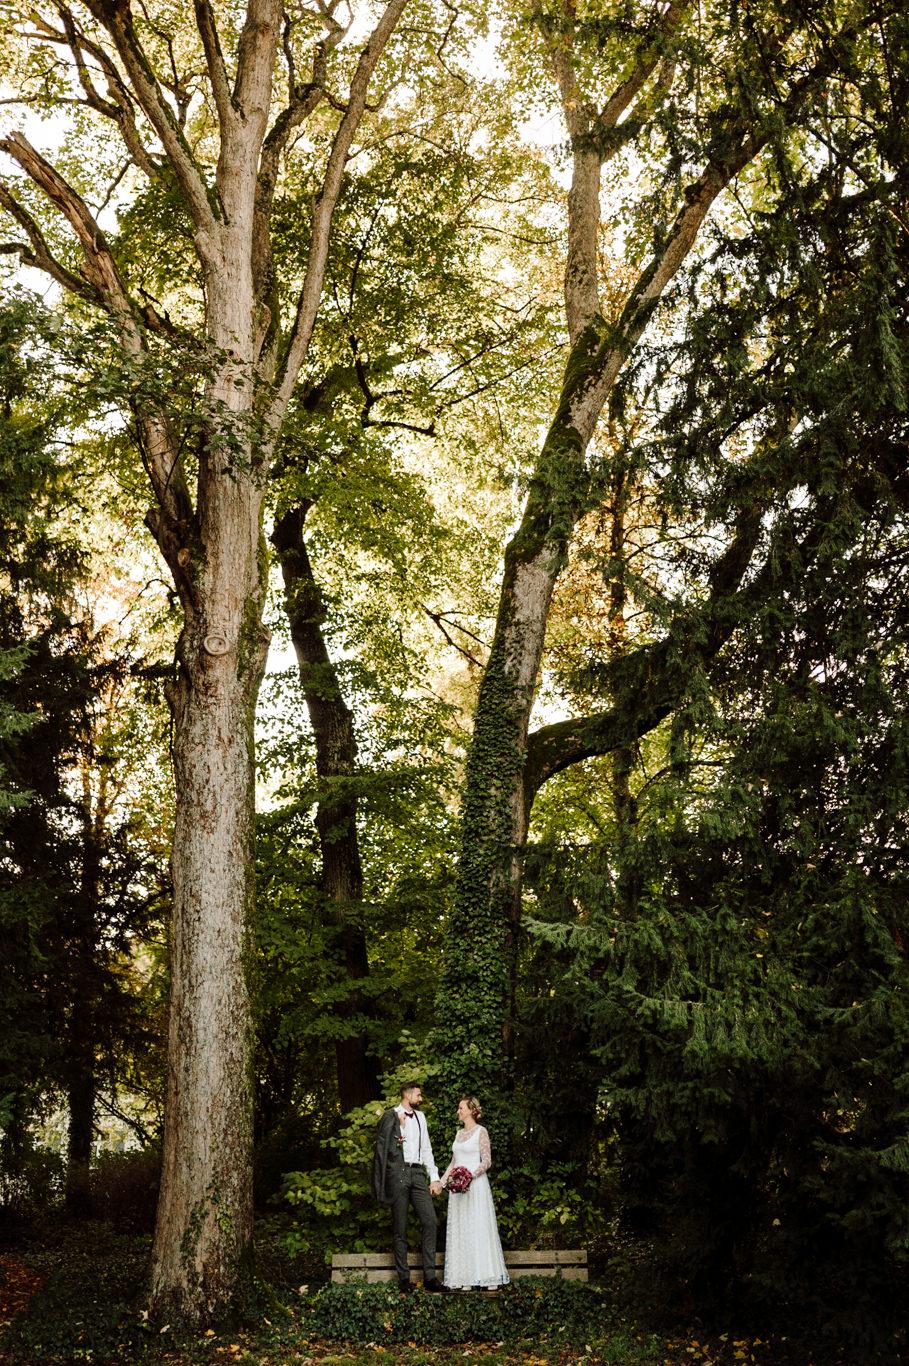 Schloss Heinsheim Hochzeit Fotograf Bilder Hochzeitsfotograf Bad Rappenau Mannheim Karlsruhe